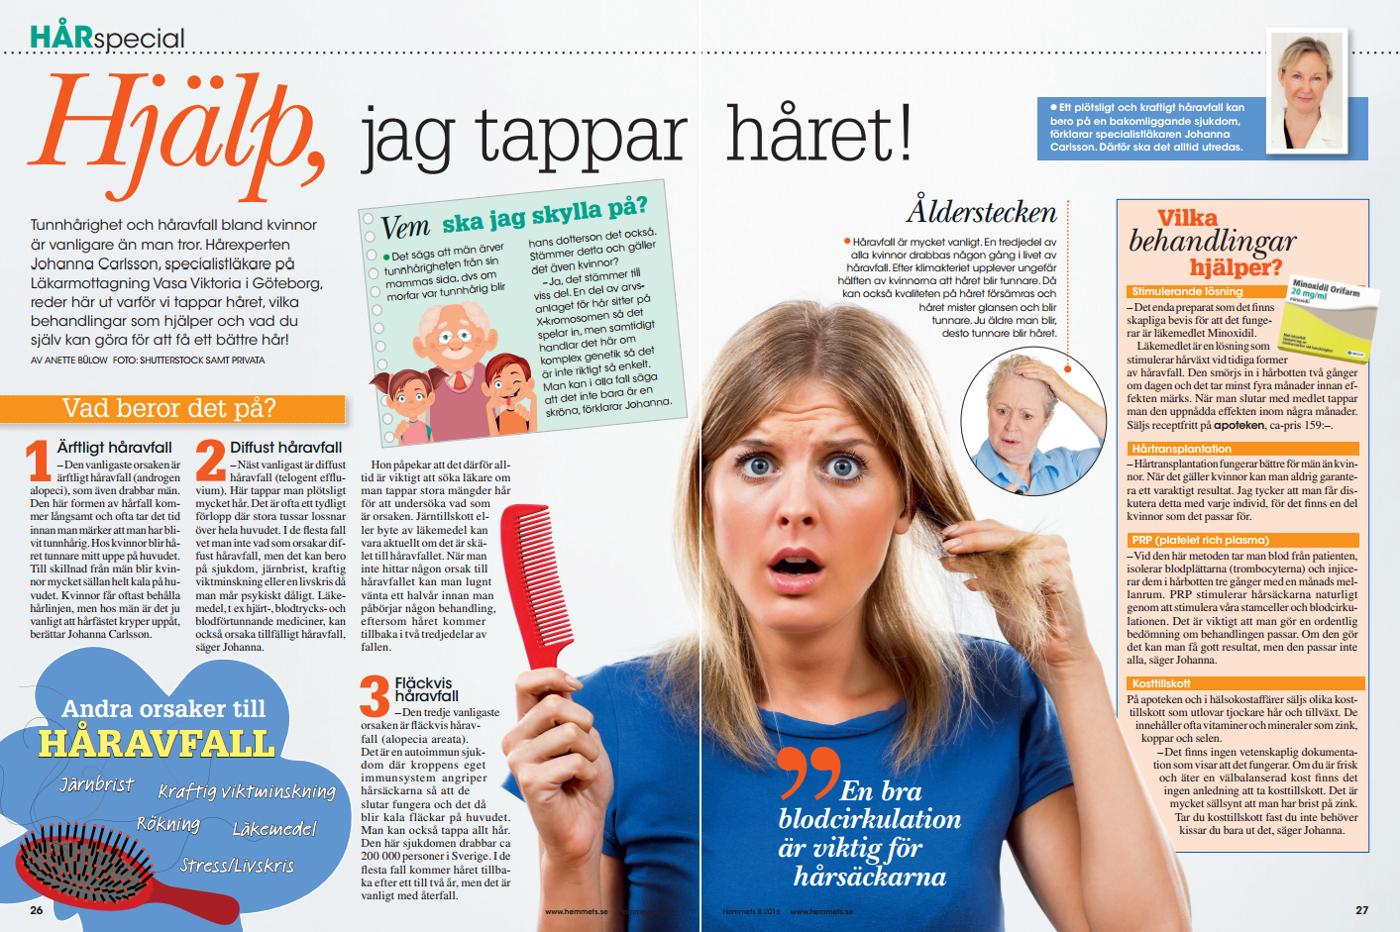 dermatolog håravfall stockholm